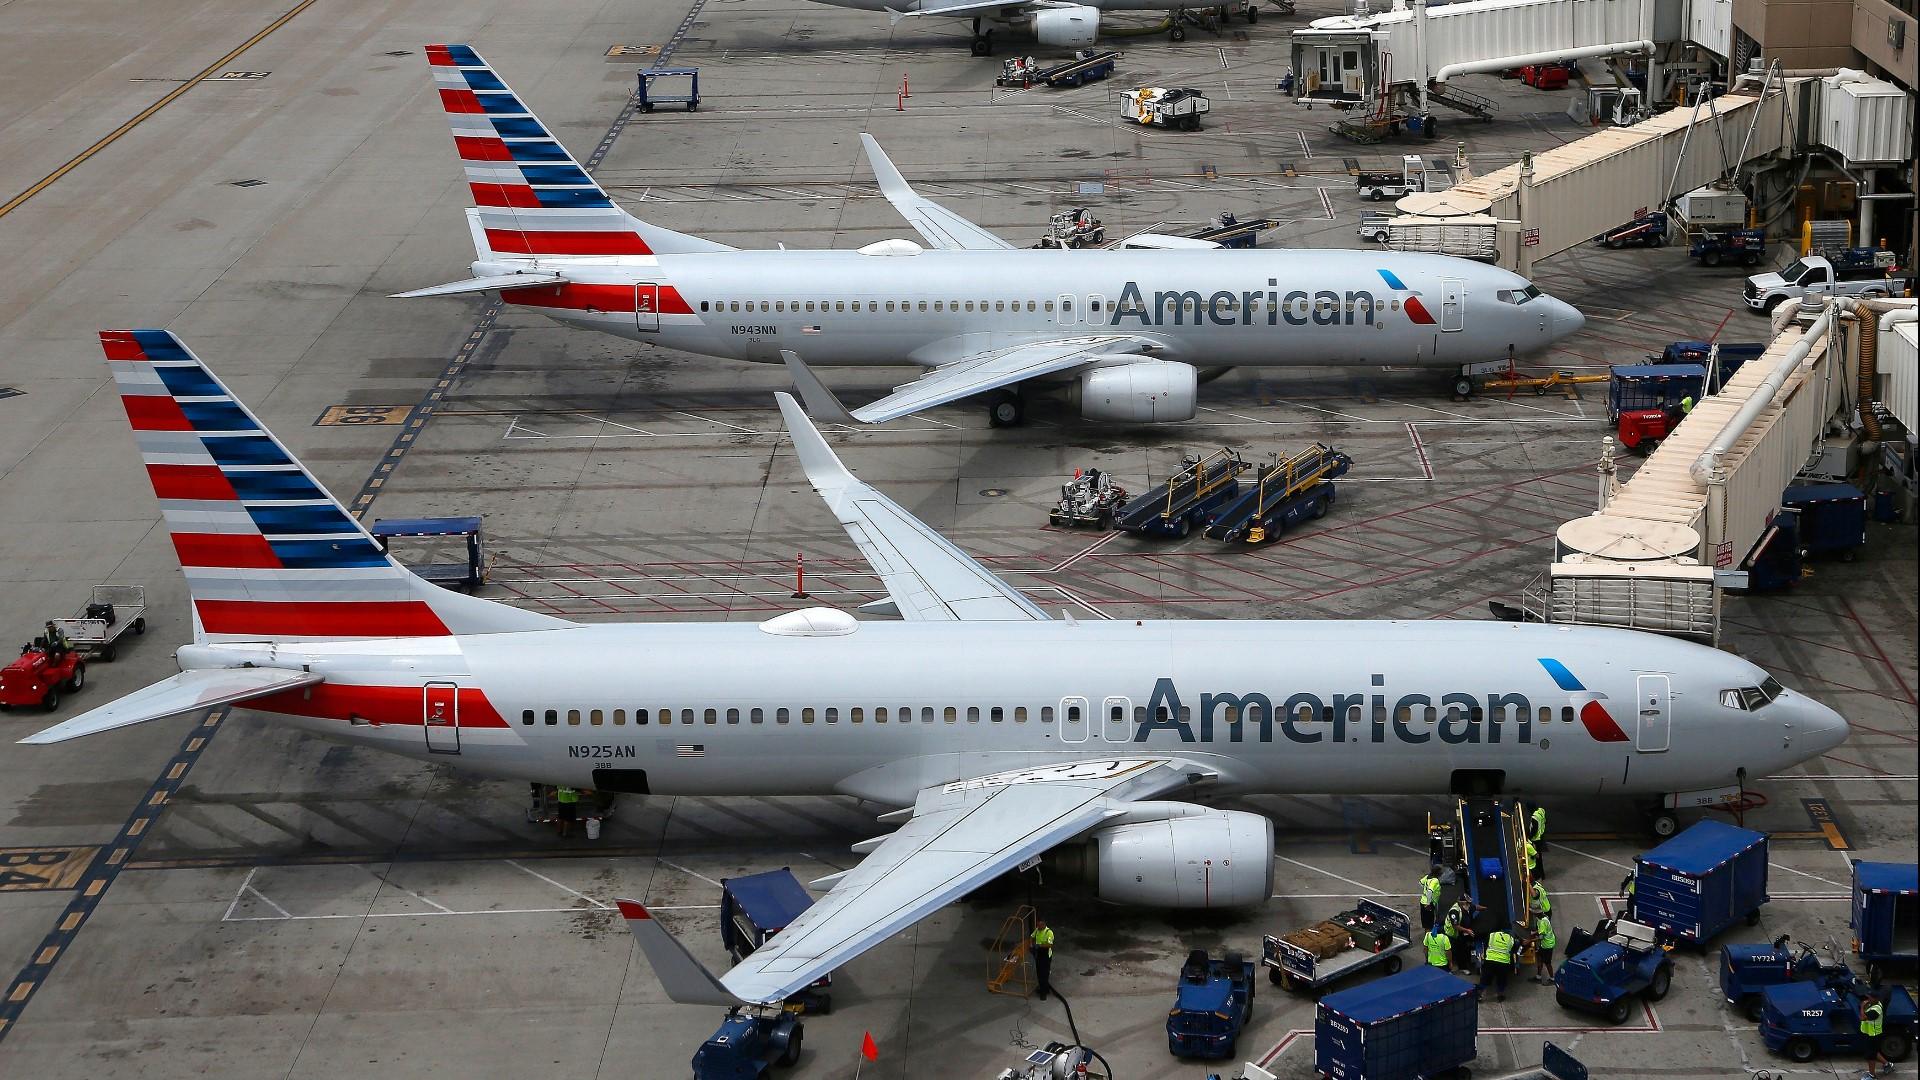 Американські авіакомпанії American Airlines і United Airlines скоротять понад 32 тис. співробітників